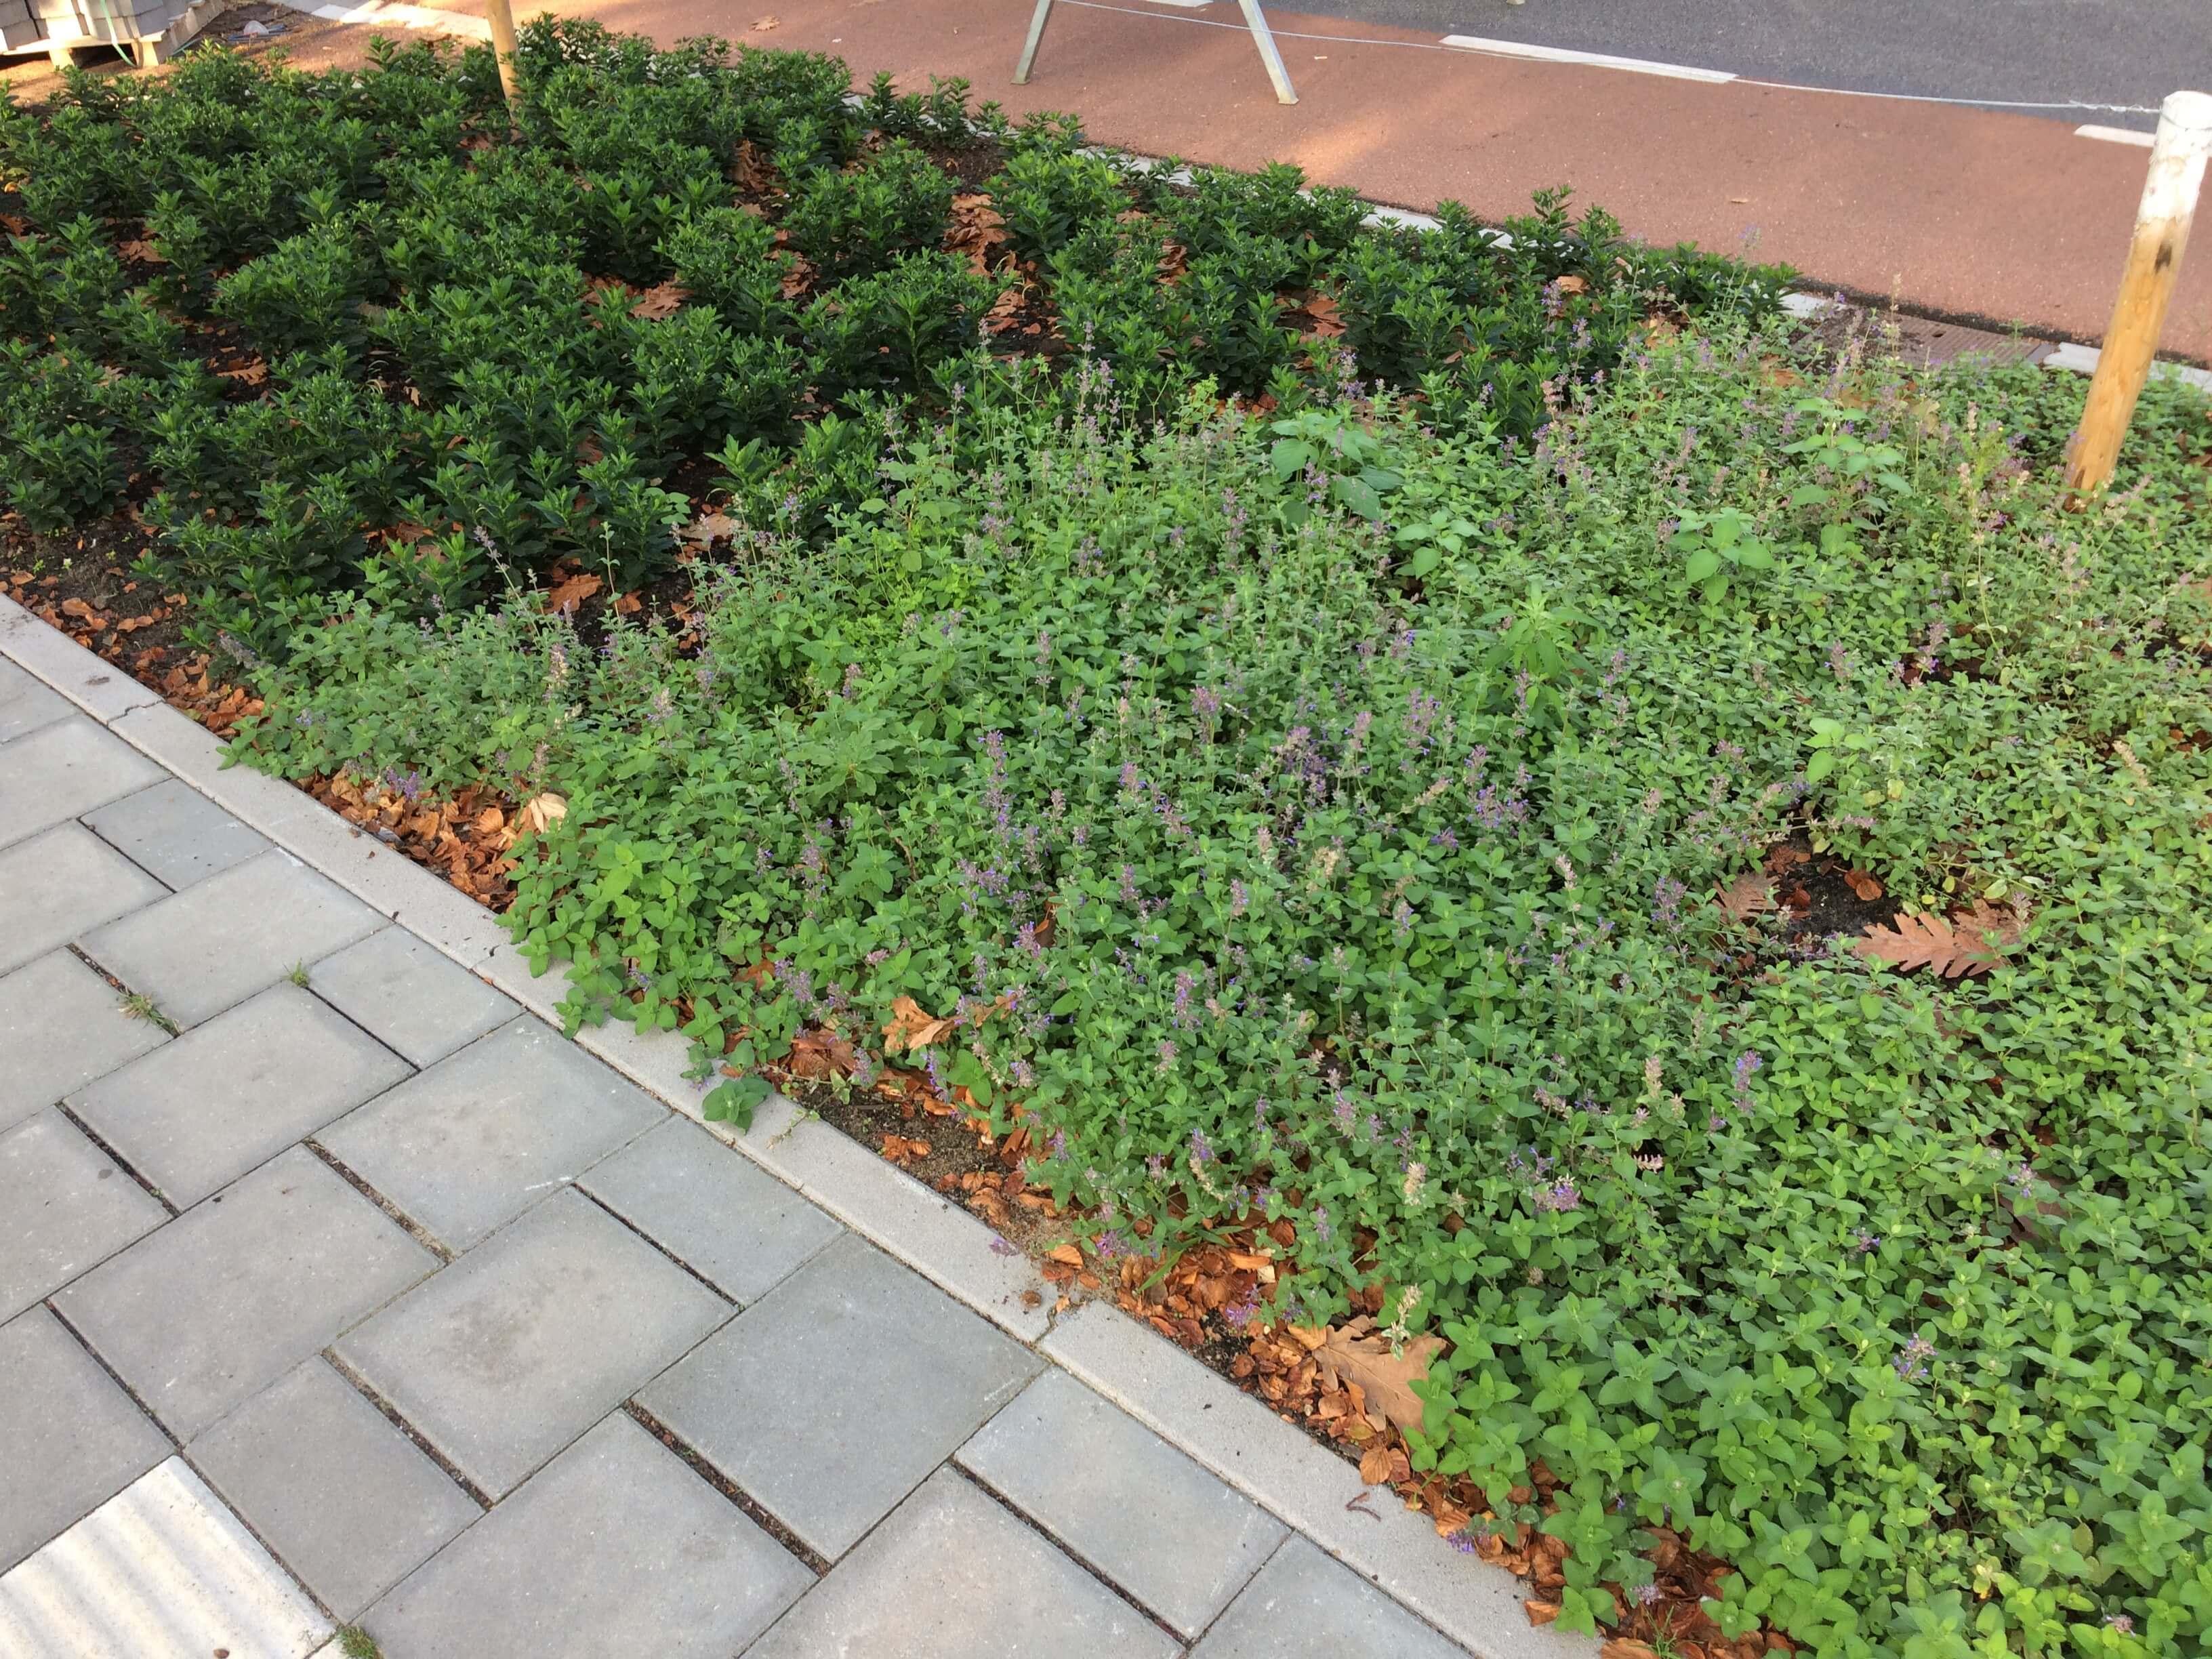 Hoefakker buitenruimte beplanting Zeist Bergweg (11)